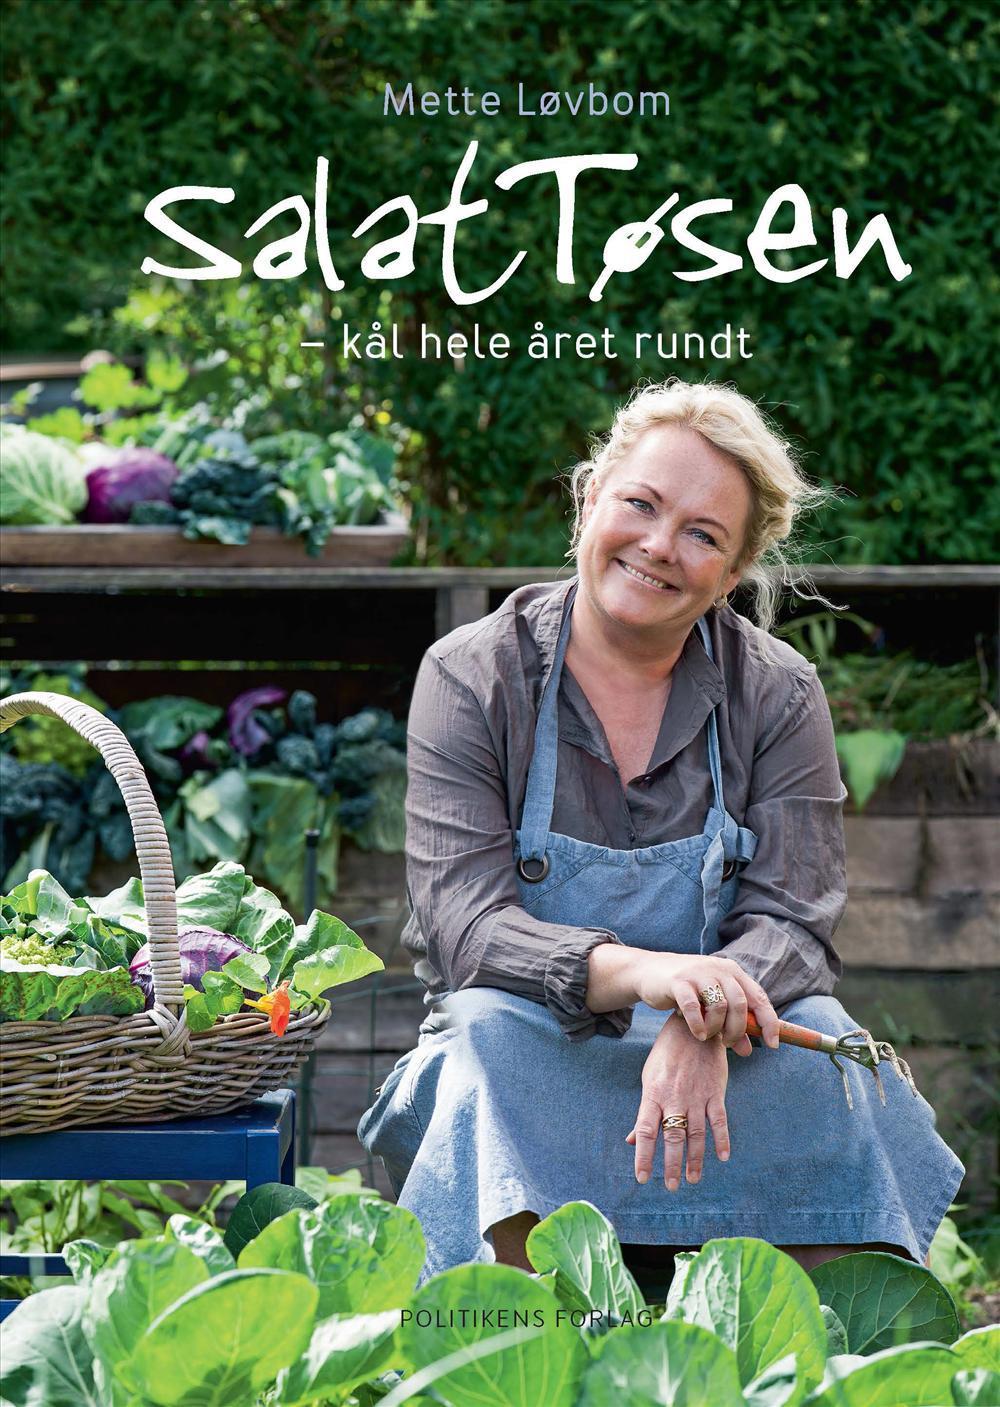 SalatTøsen - Kål hele året rundt - Mette Løvbom - Bøger - Politikens Forlag - 9788740035025 - September 15, 2017